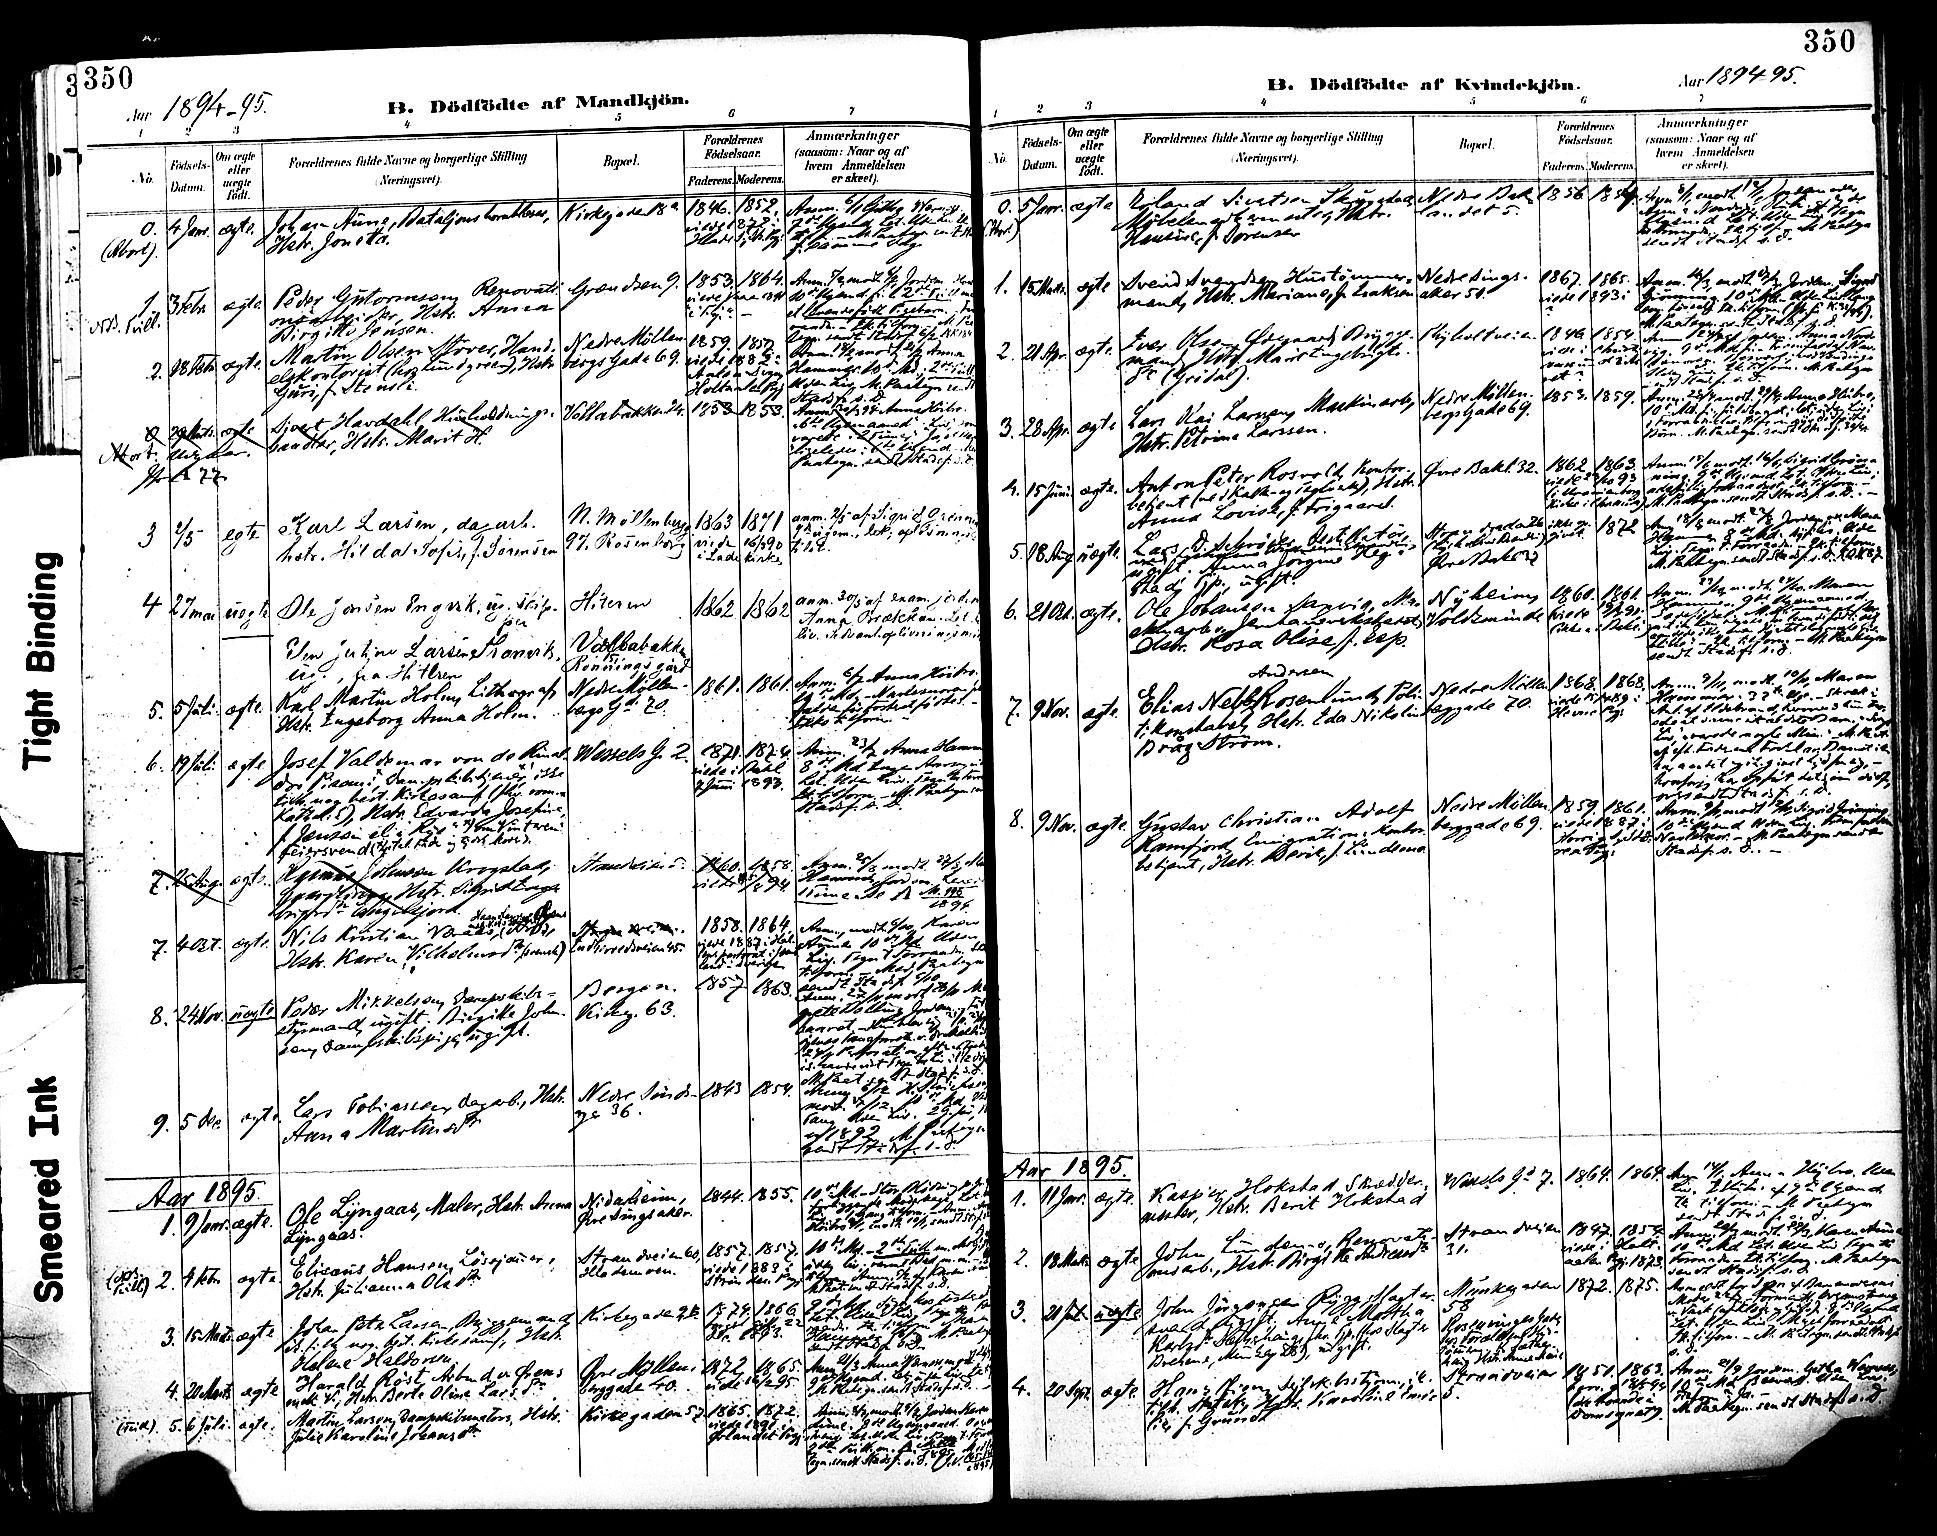 SAT, Ministerialprotokoller, klokkerbøker og fødselsregistre - Sør-Trøndelag, 604/L0197: Ministerialbok nr. 604A18, 1893-1900, s. 350